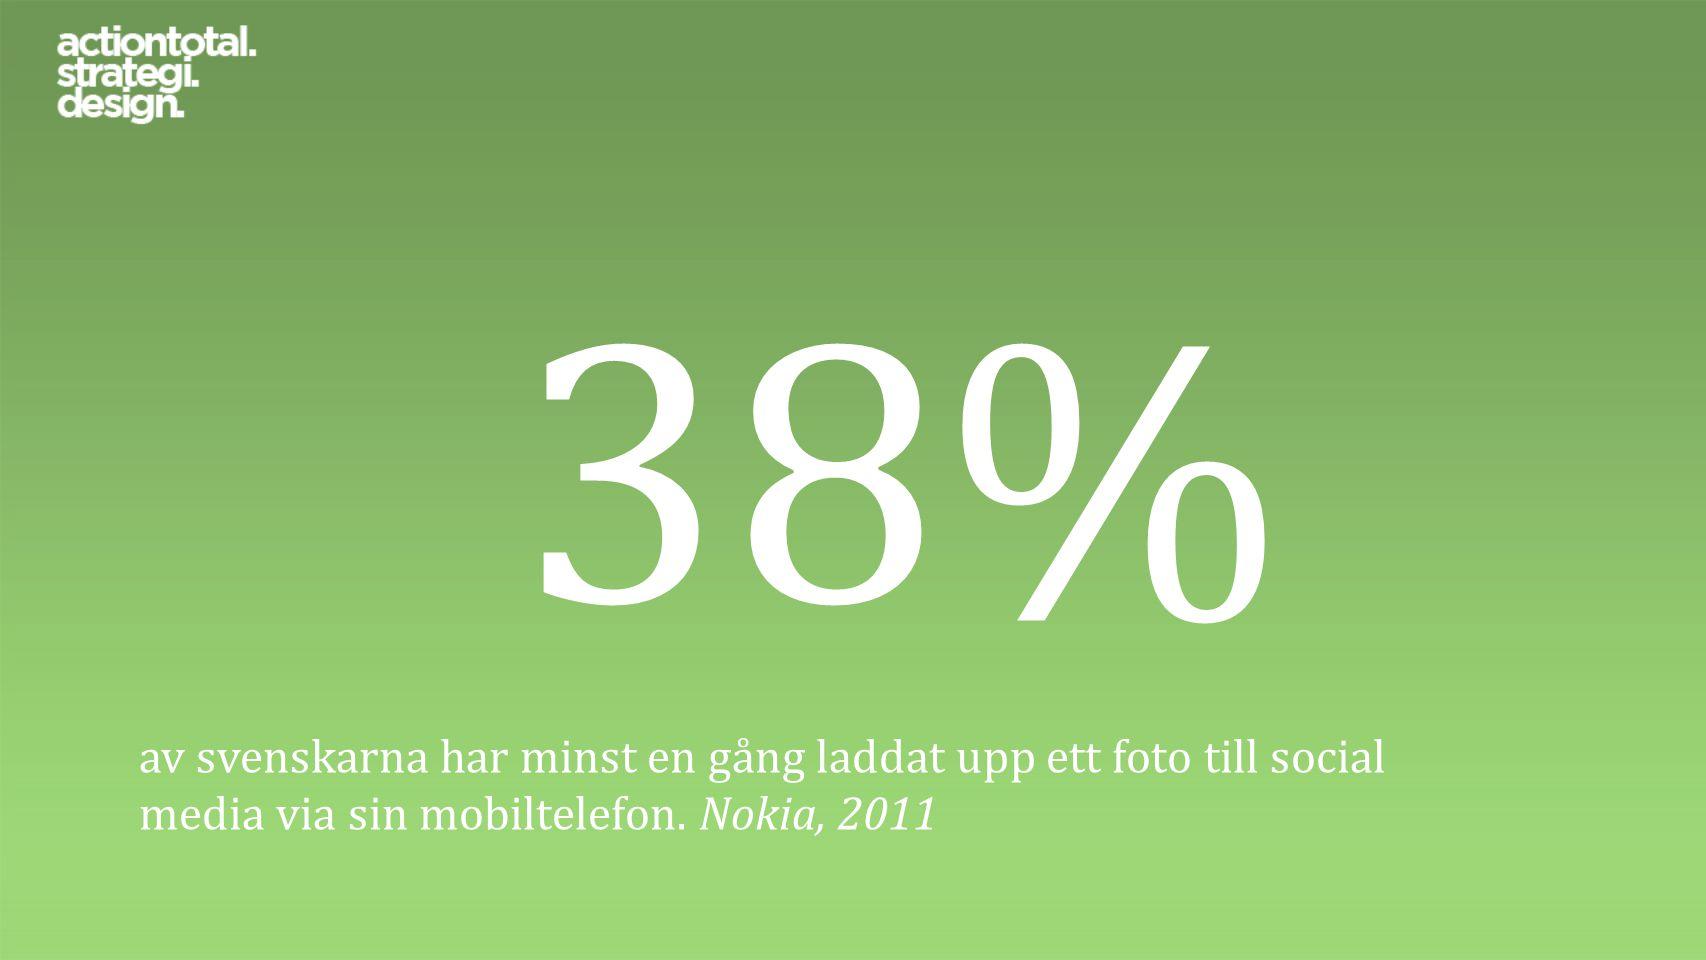 91% av svenska journalister använder social media i sitt arbete. GU, 2011